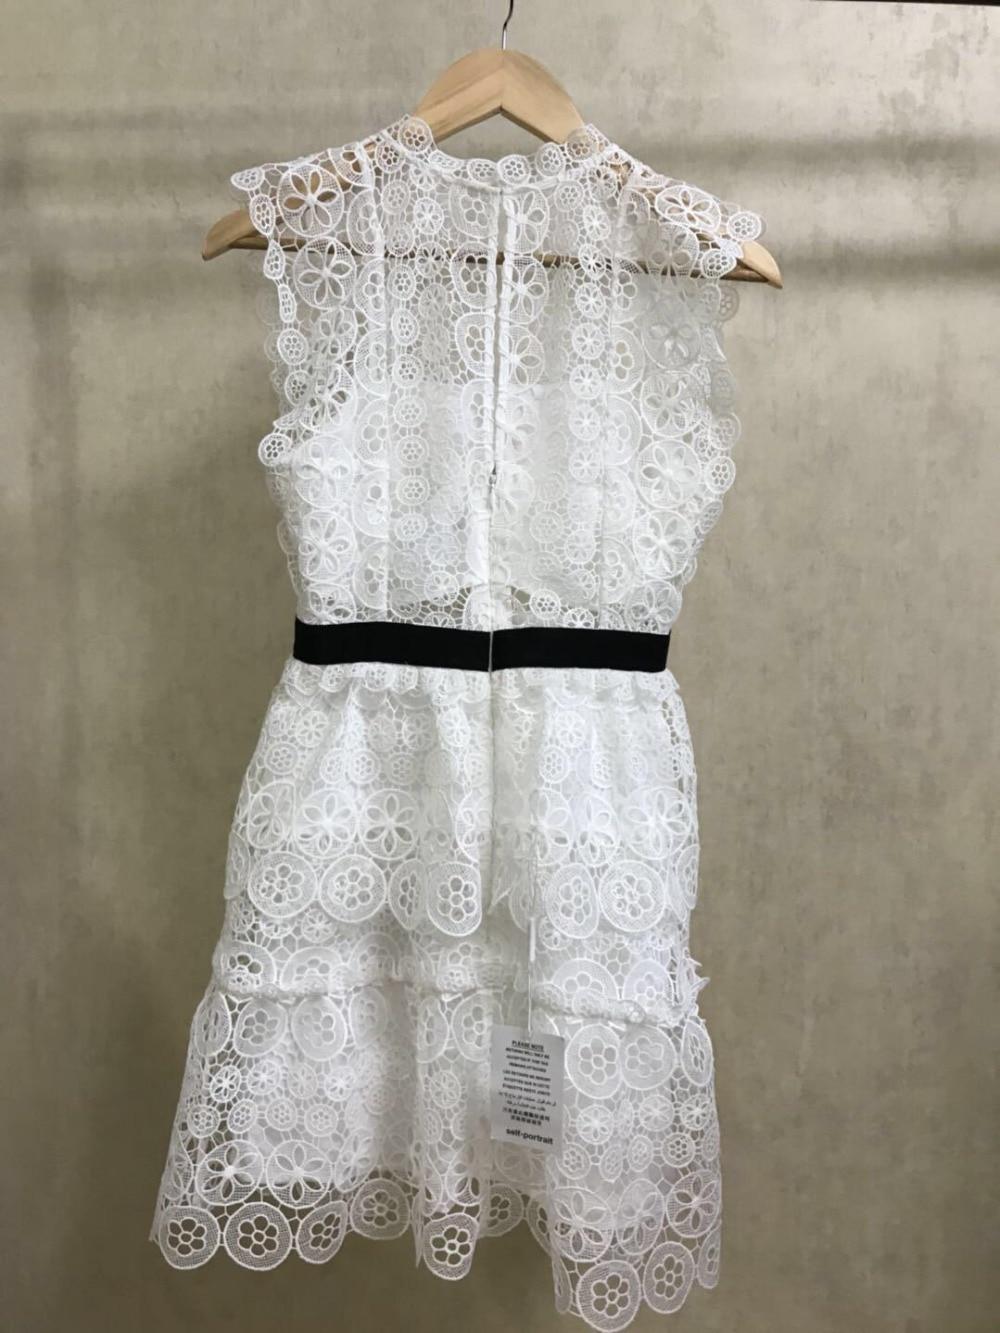 Blanc Multi Mince Qualité Style Gilet Broderie Nouveau Haute Nouvelle Fée Robe Évider Lady Arrivée couche Dentelle 2018 qBwHxZt8